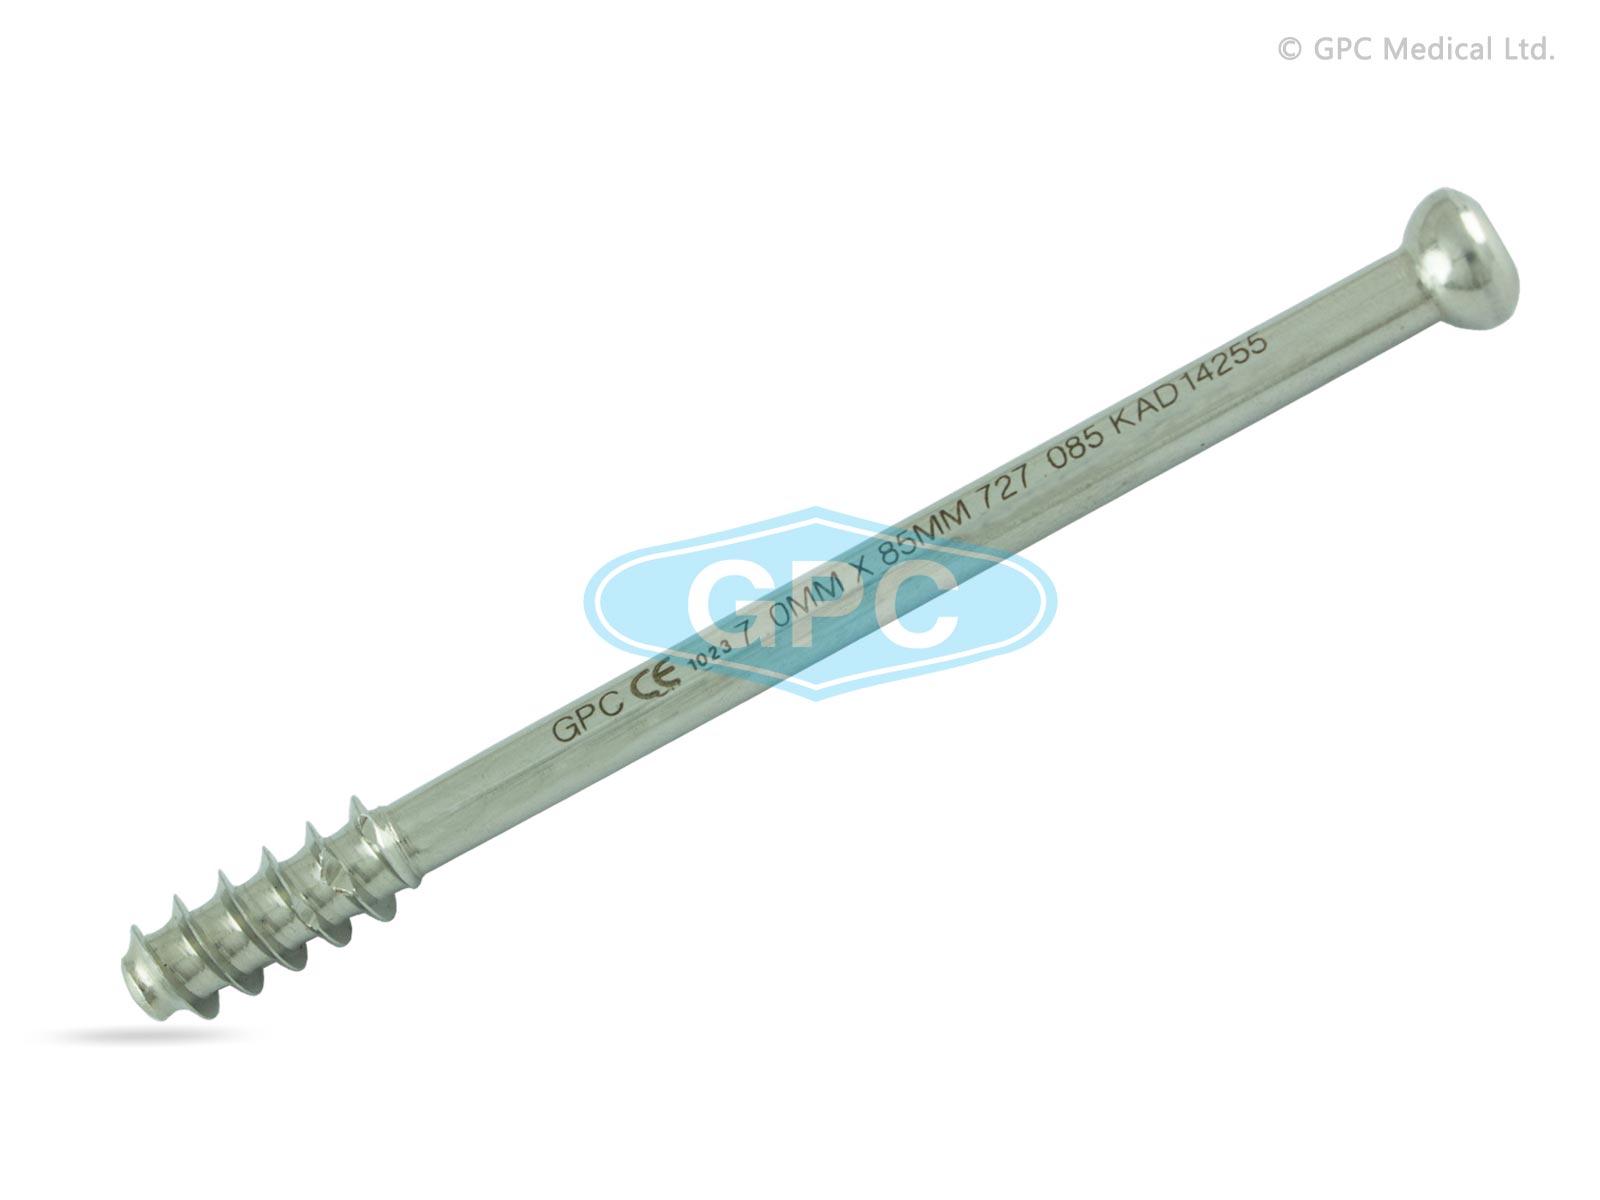 Grande vis d'os spongieux canulée 7,0mm, à tête creuse hexagonale, 16mm filetée.